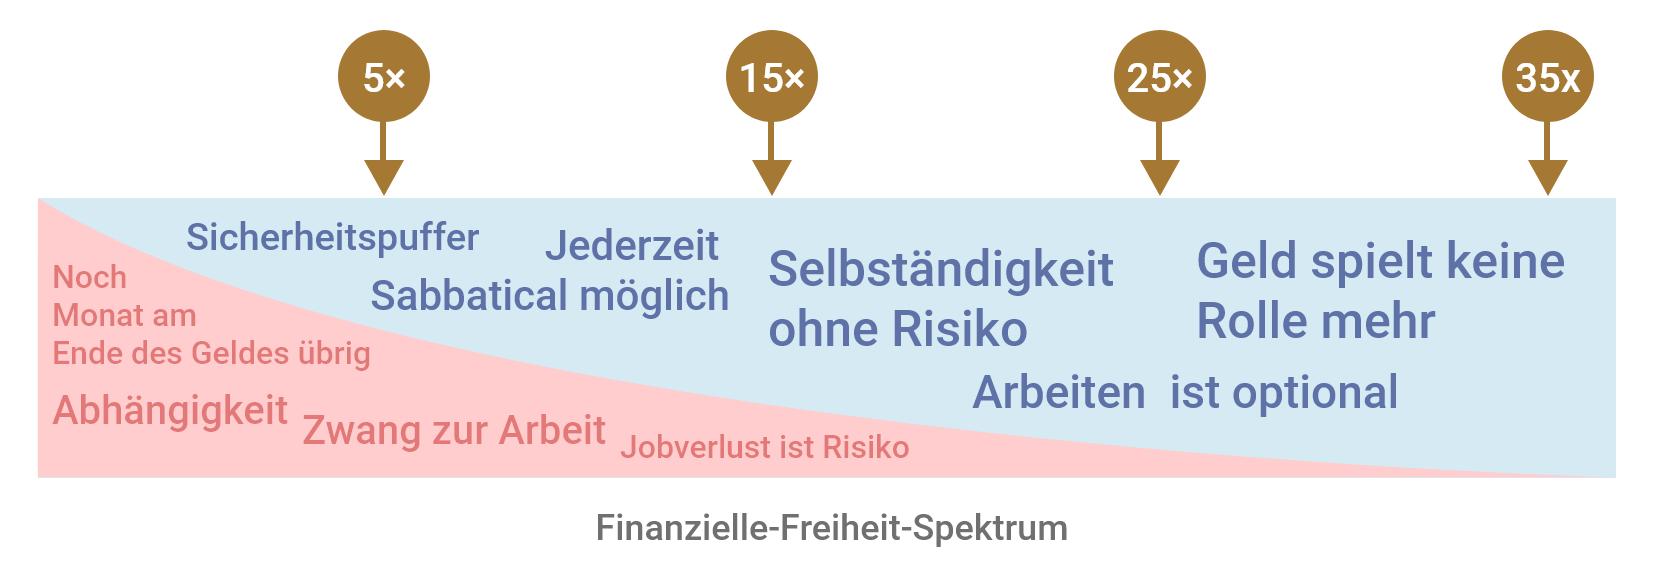 Das Finanzielle-Freiheit-Spektrum